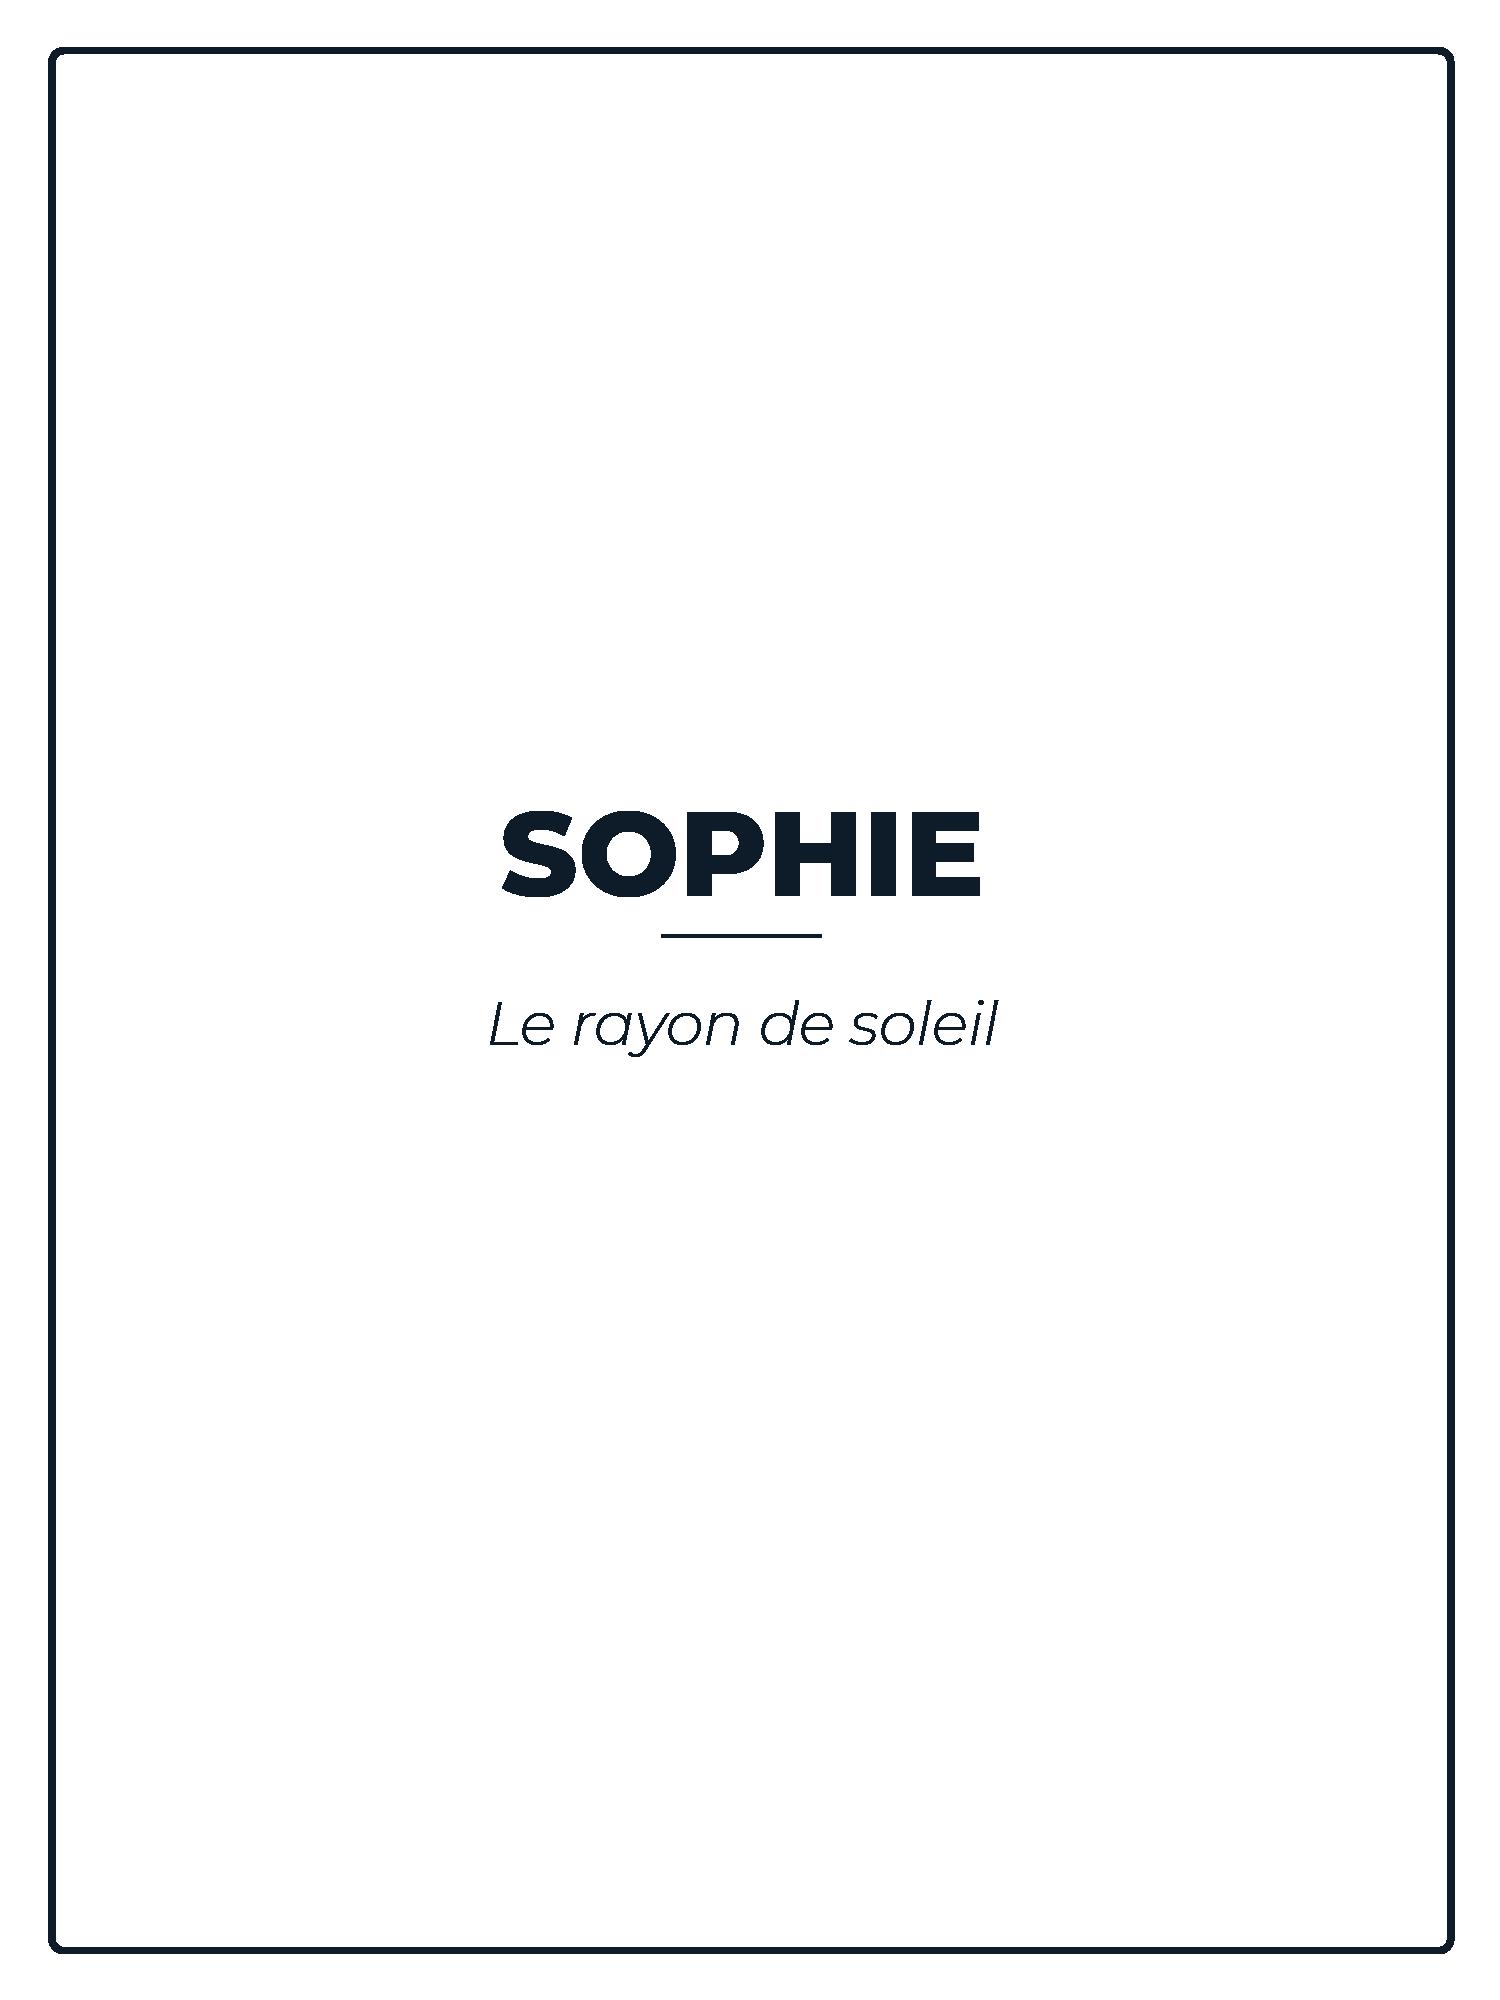 SOPHIE-PARFUM